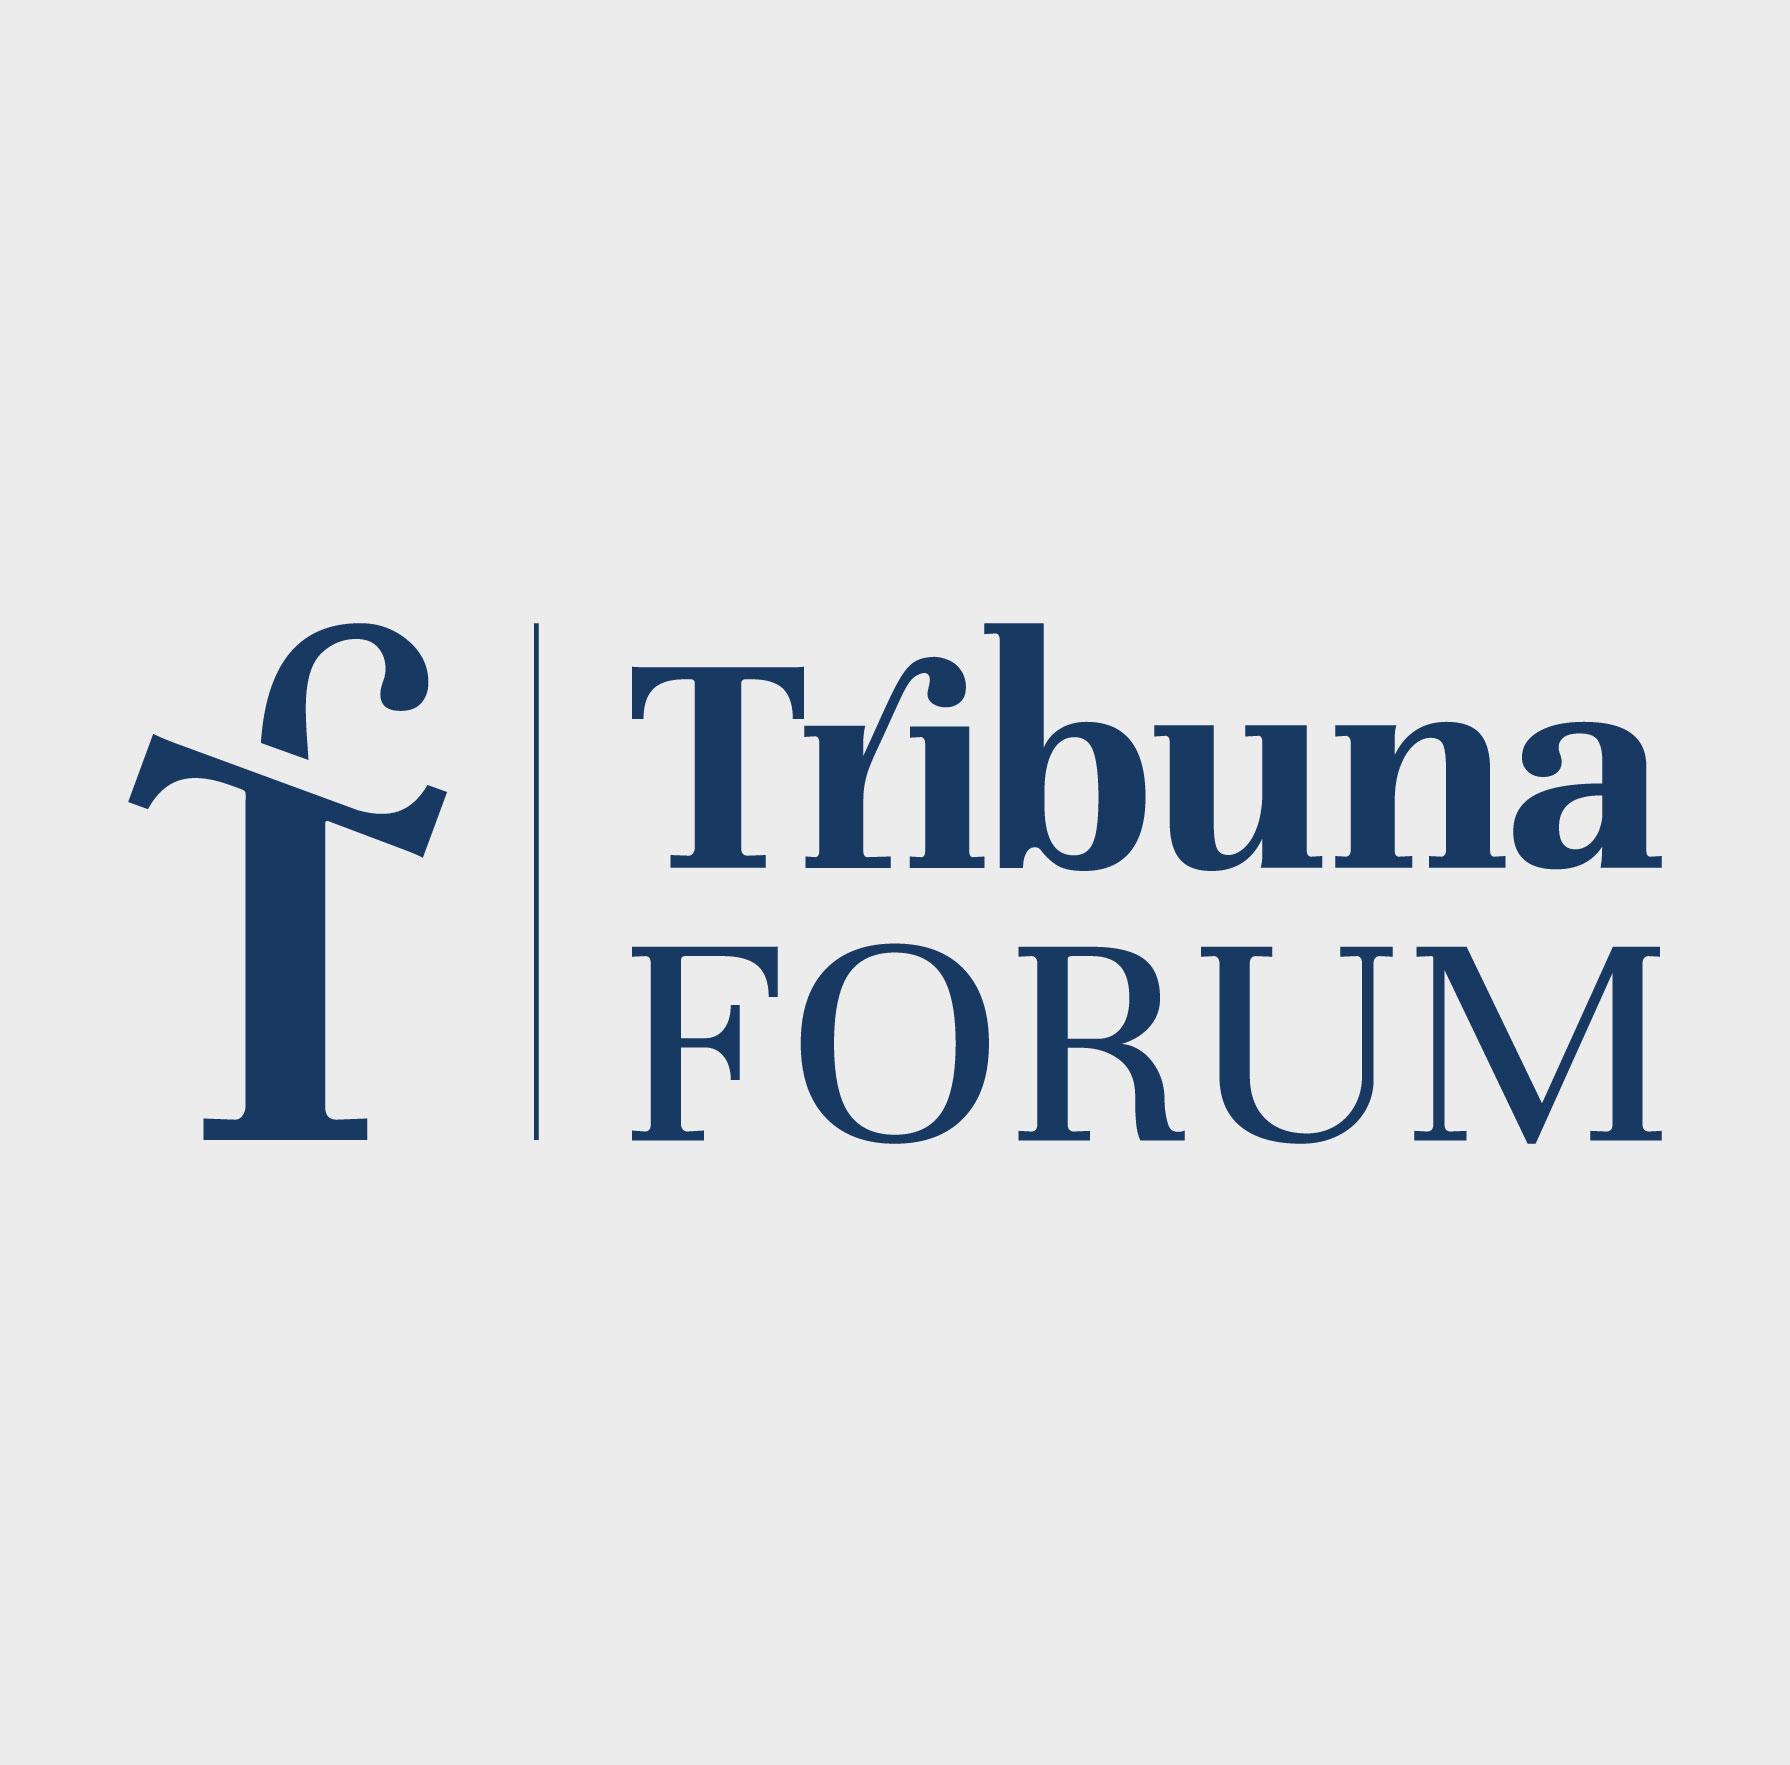 Diseño de logotipo para empresa de conferencias y foros